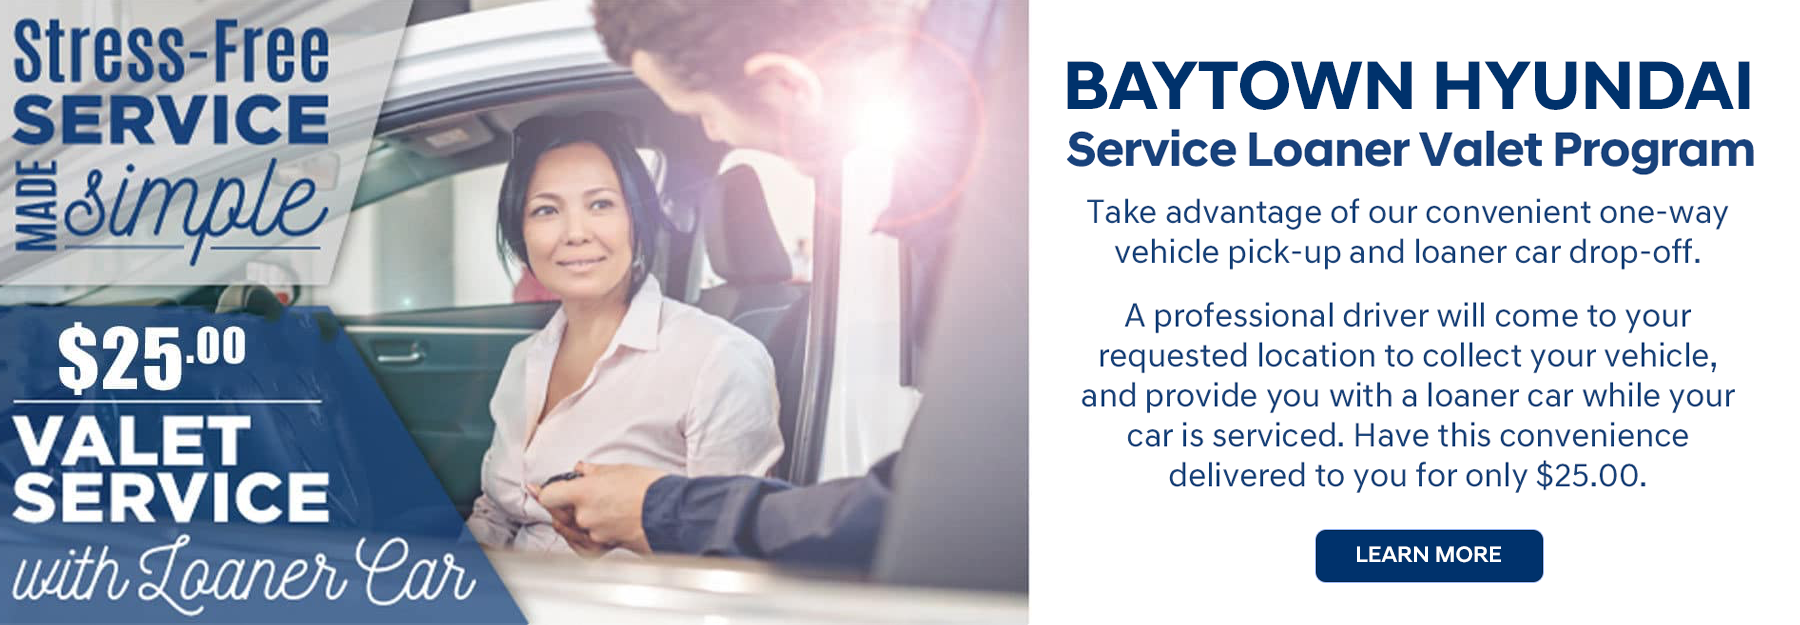 baytown service valet